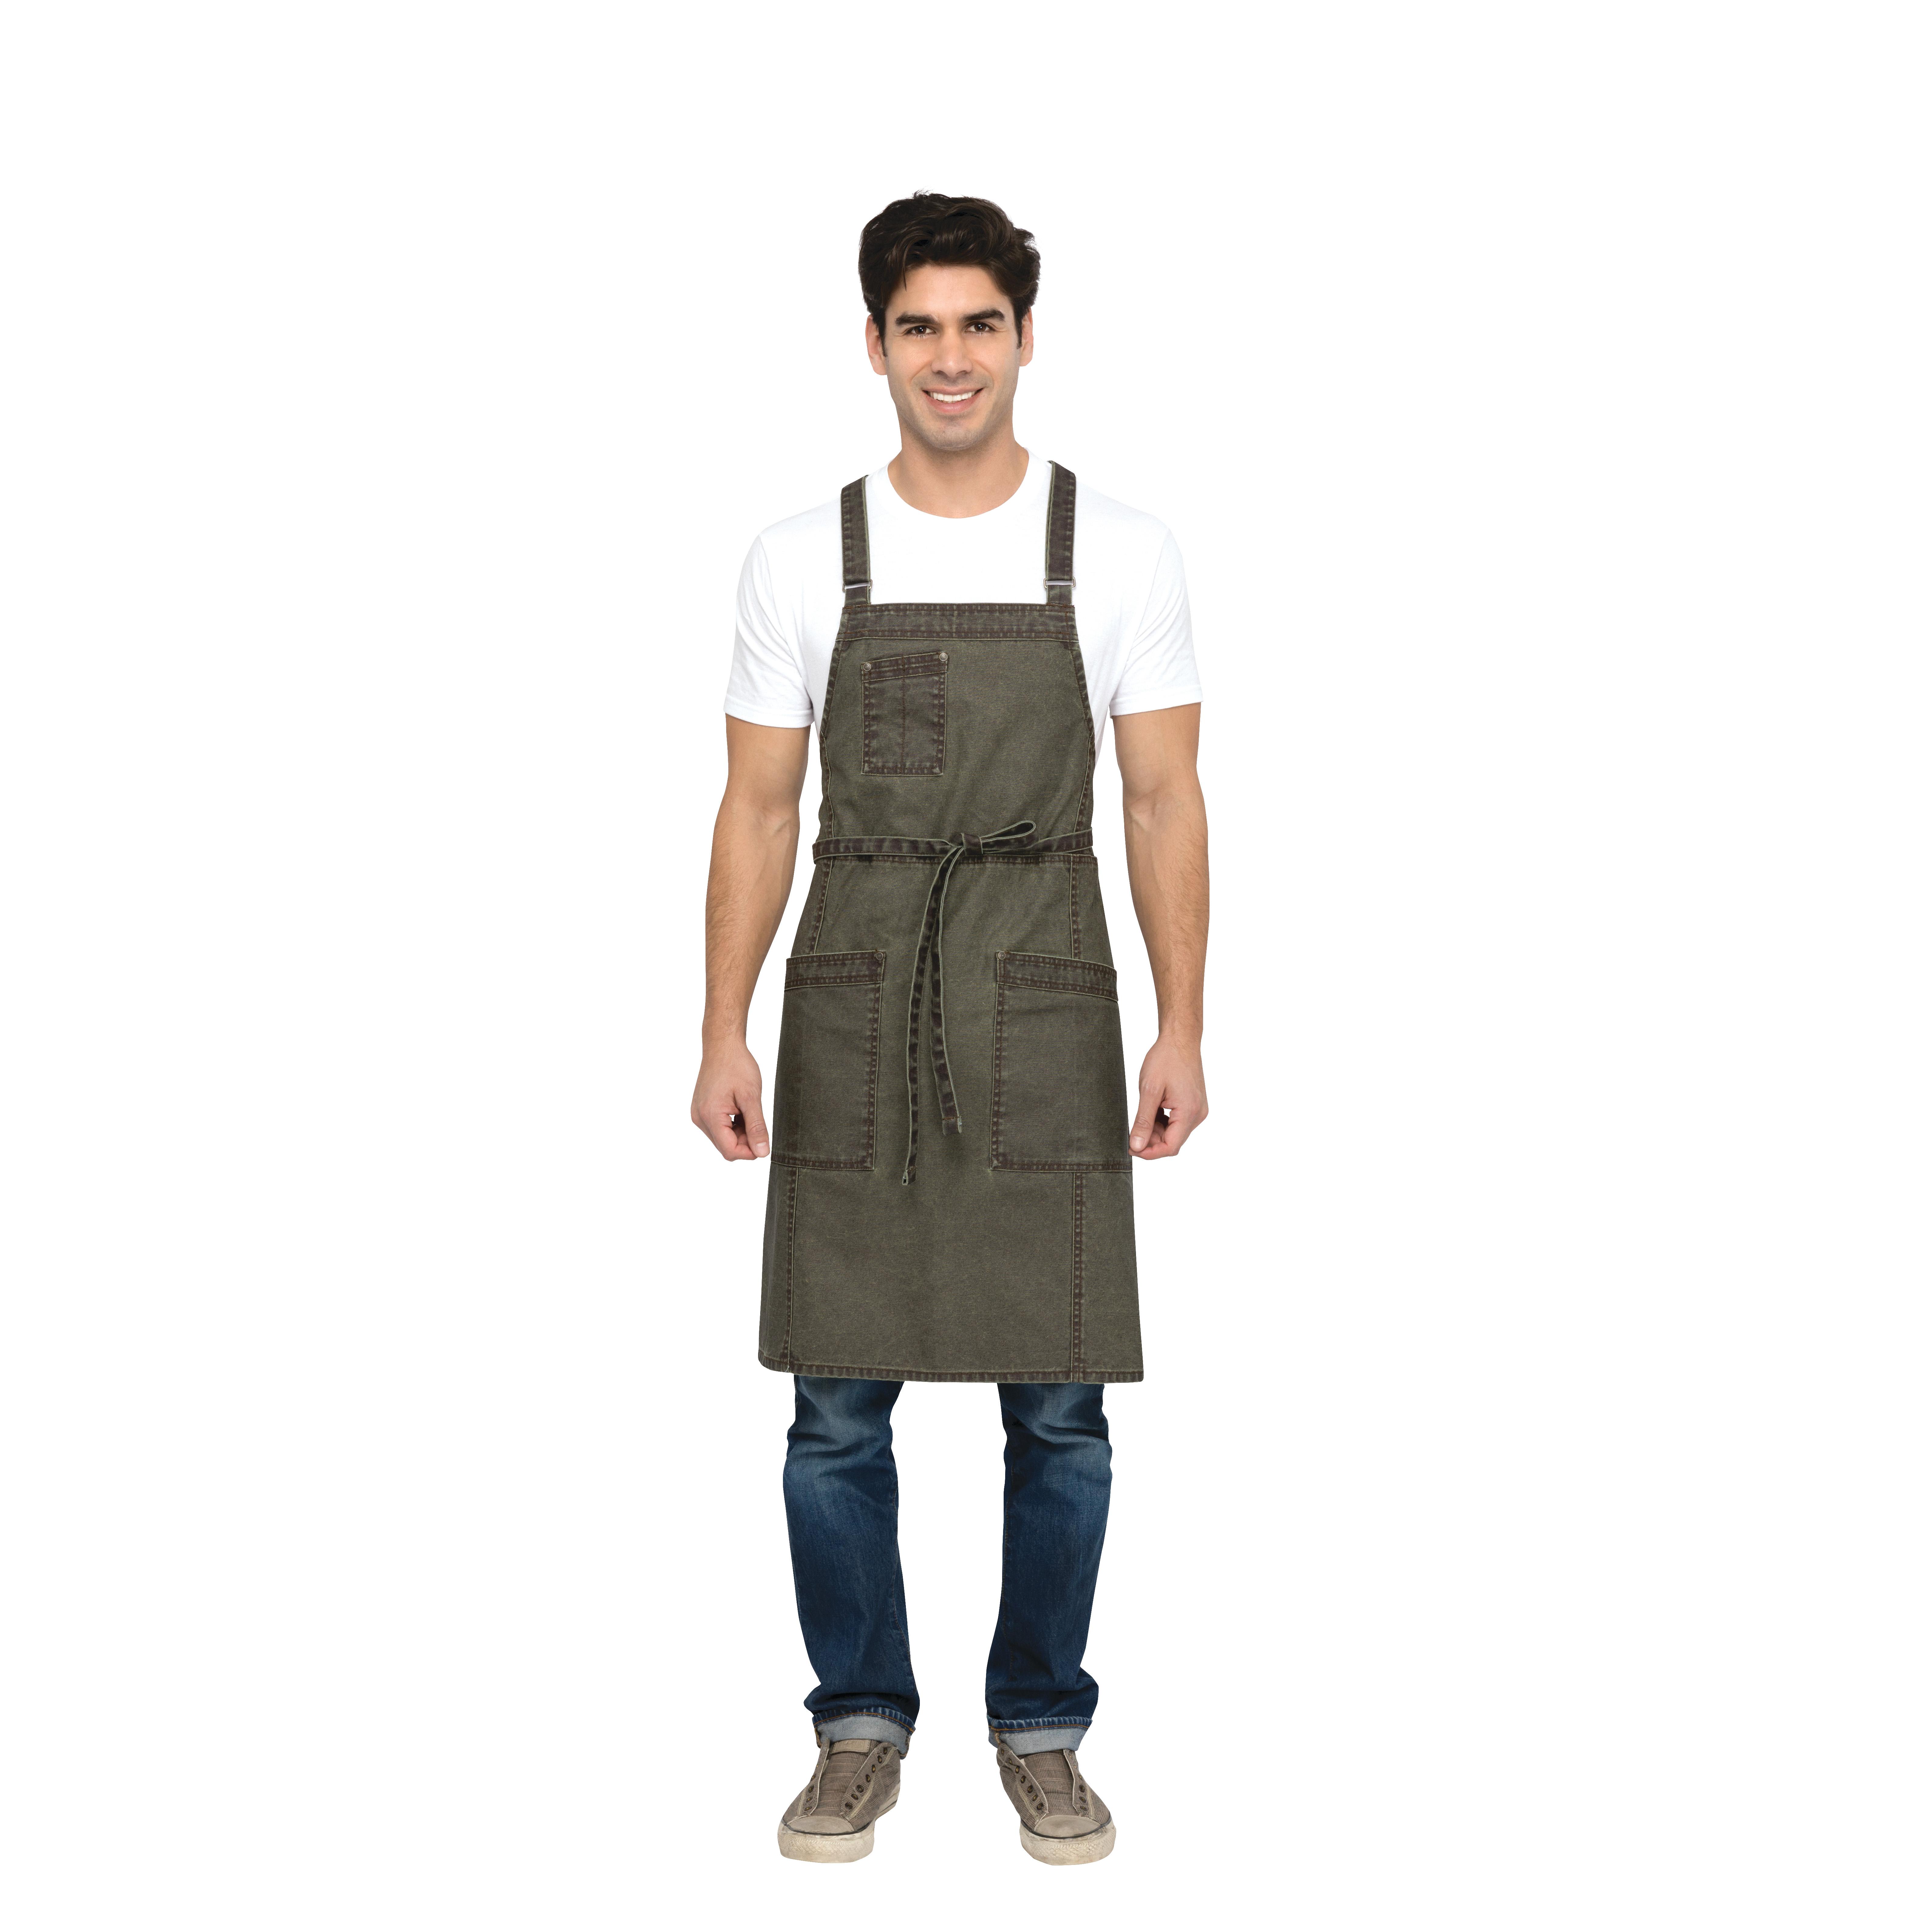 Chef Works ABX02OLW0 bib apron